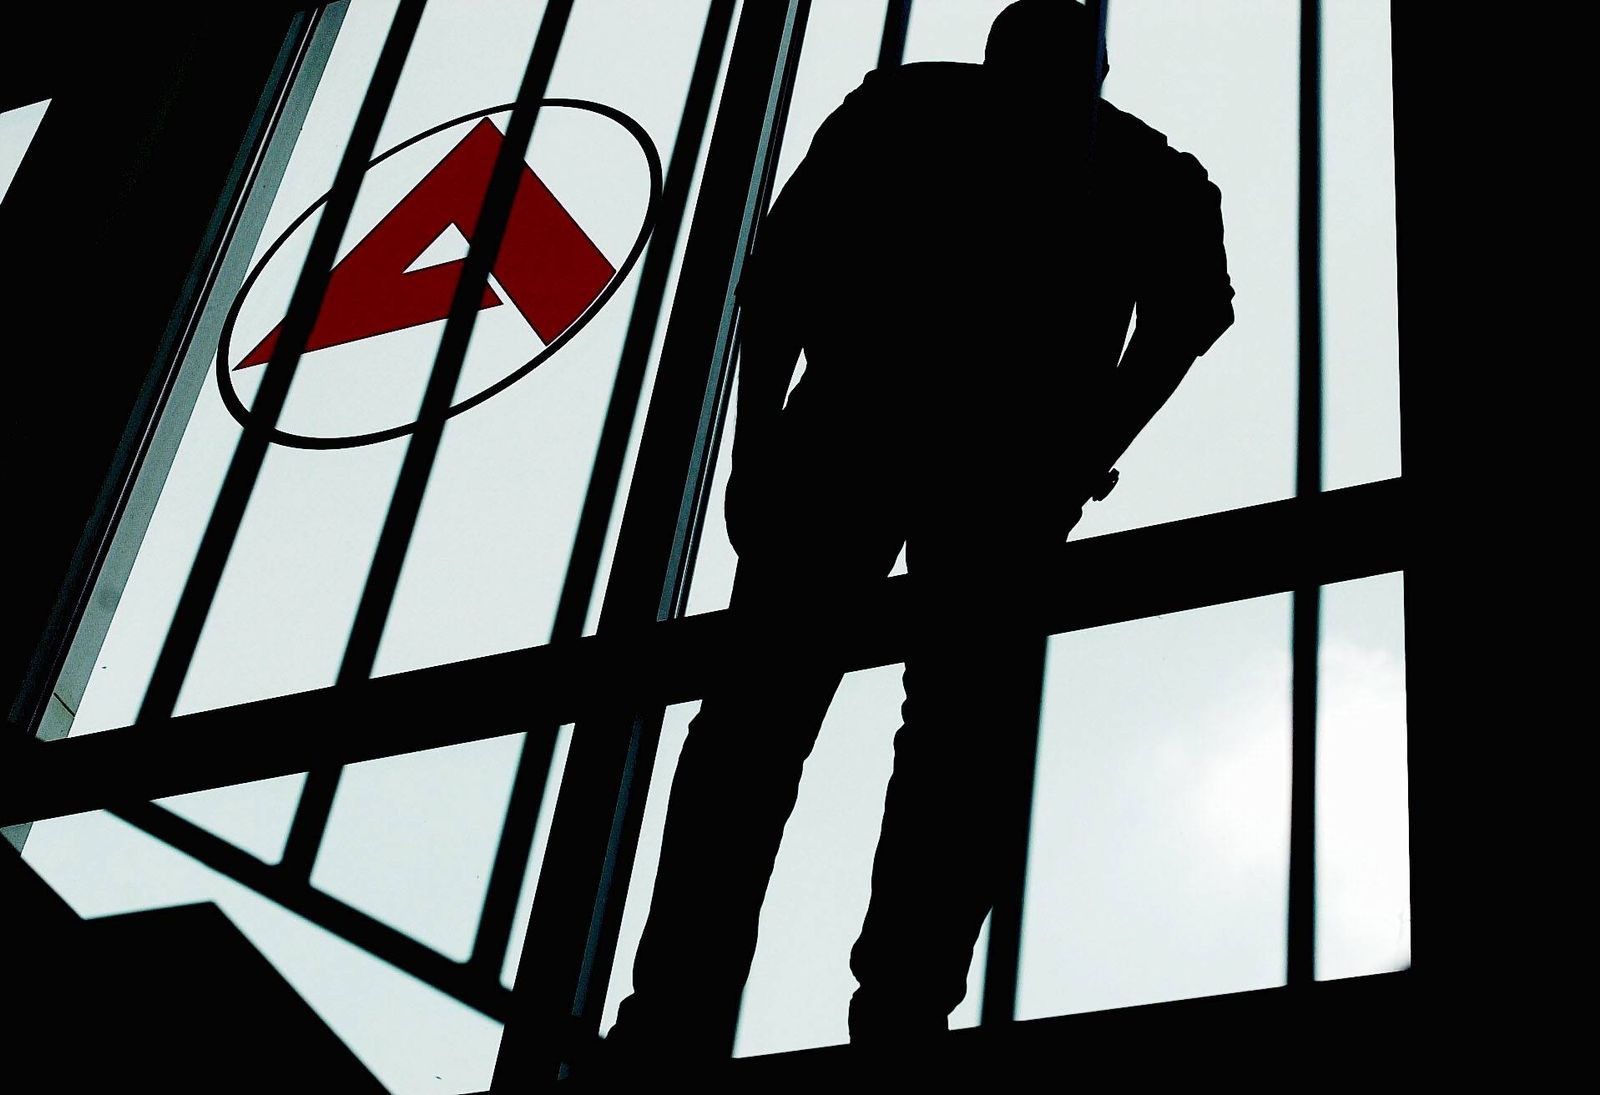 NICHT VERWENDEN Symbolbild / Arbeitsagentur / Arbeitsamt